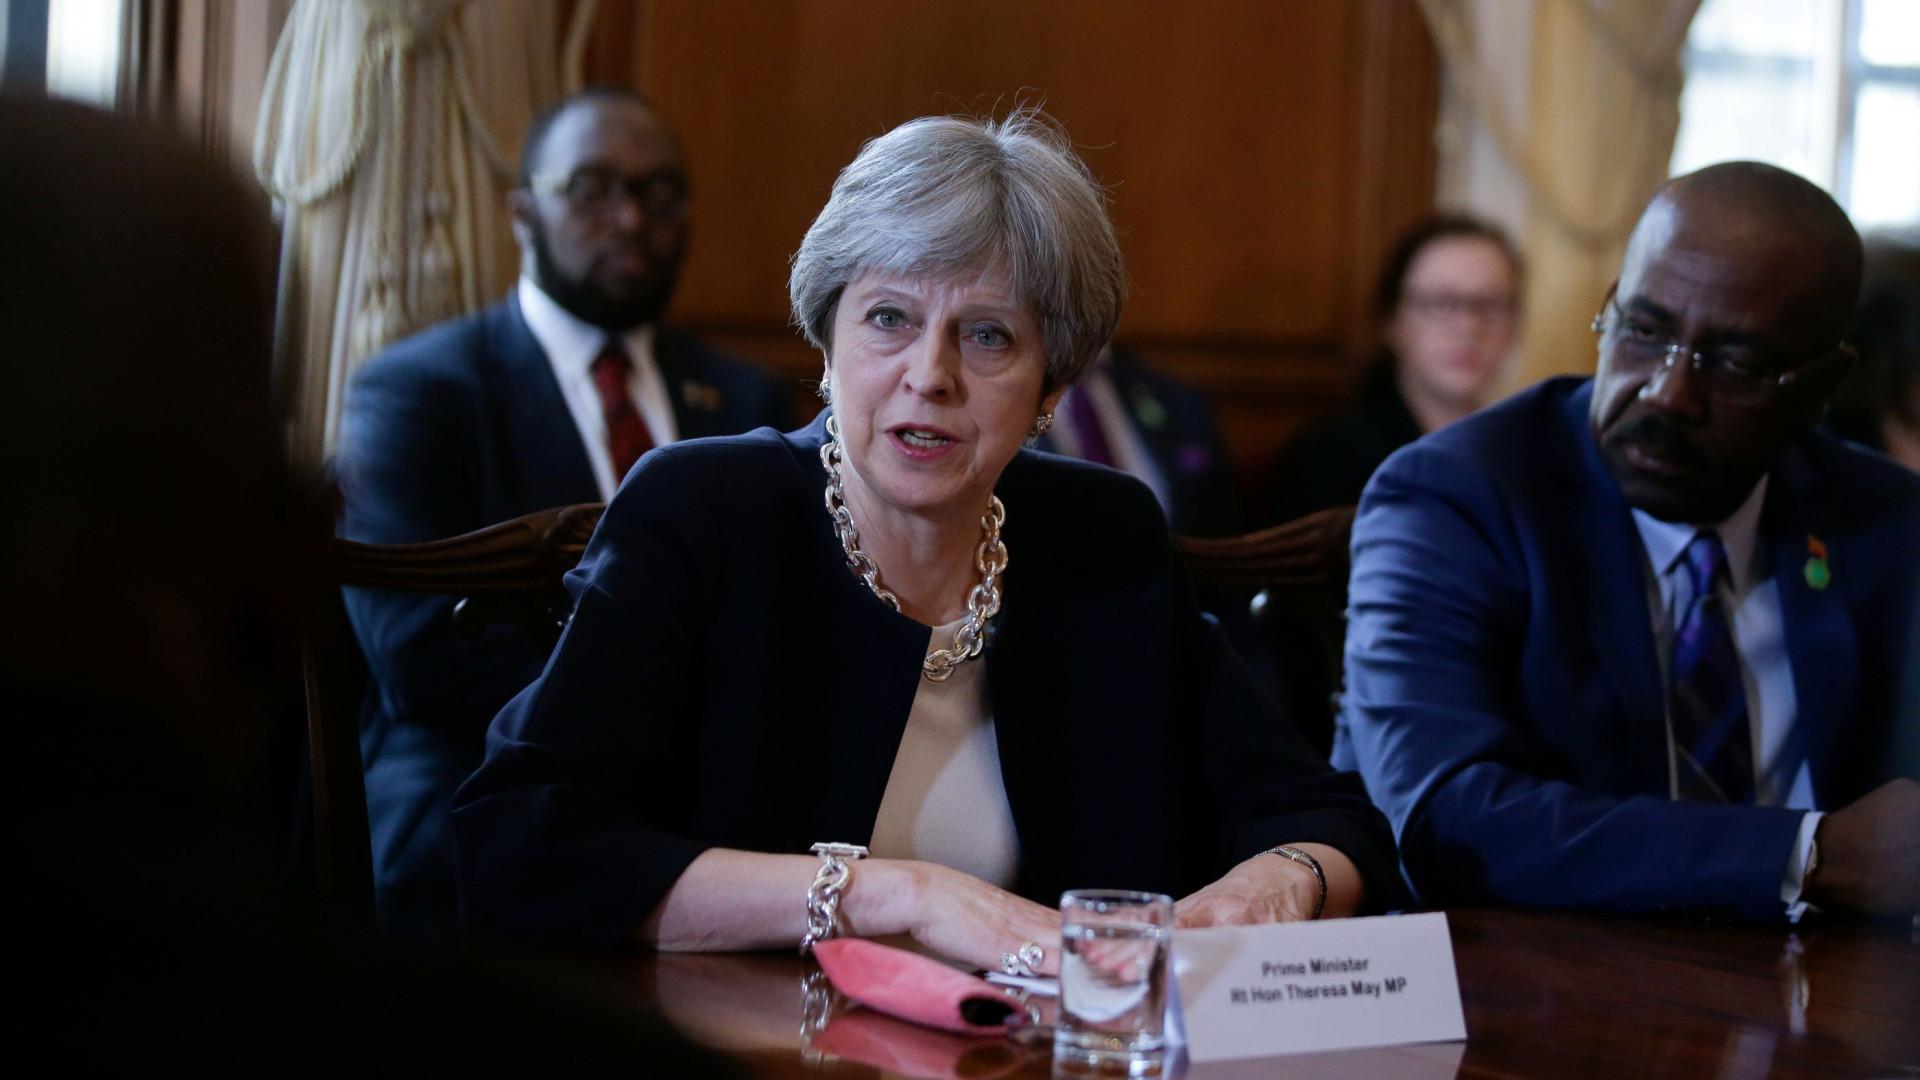 May admite papel do Reino Unido em leis anti-gay nas antigas colónias